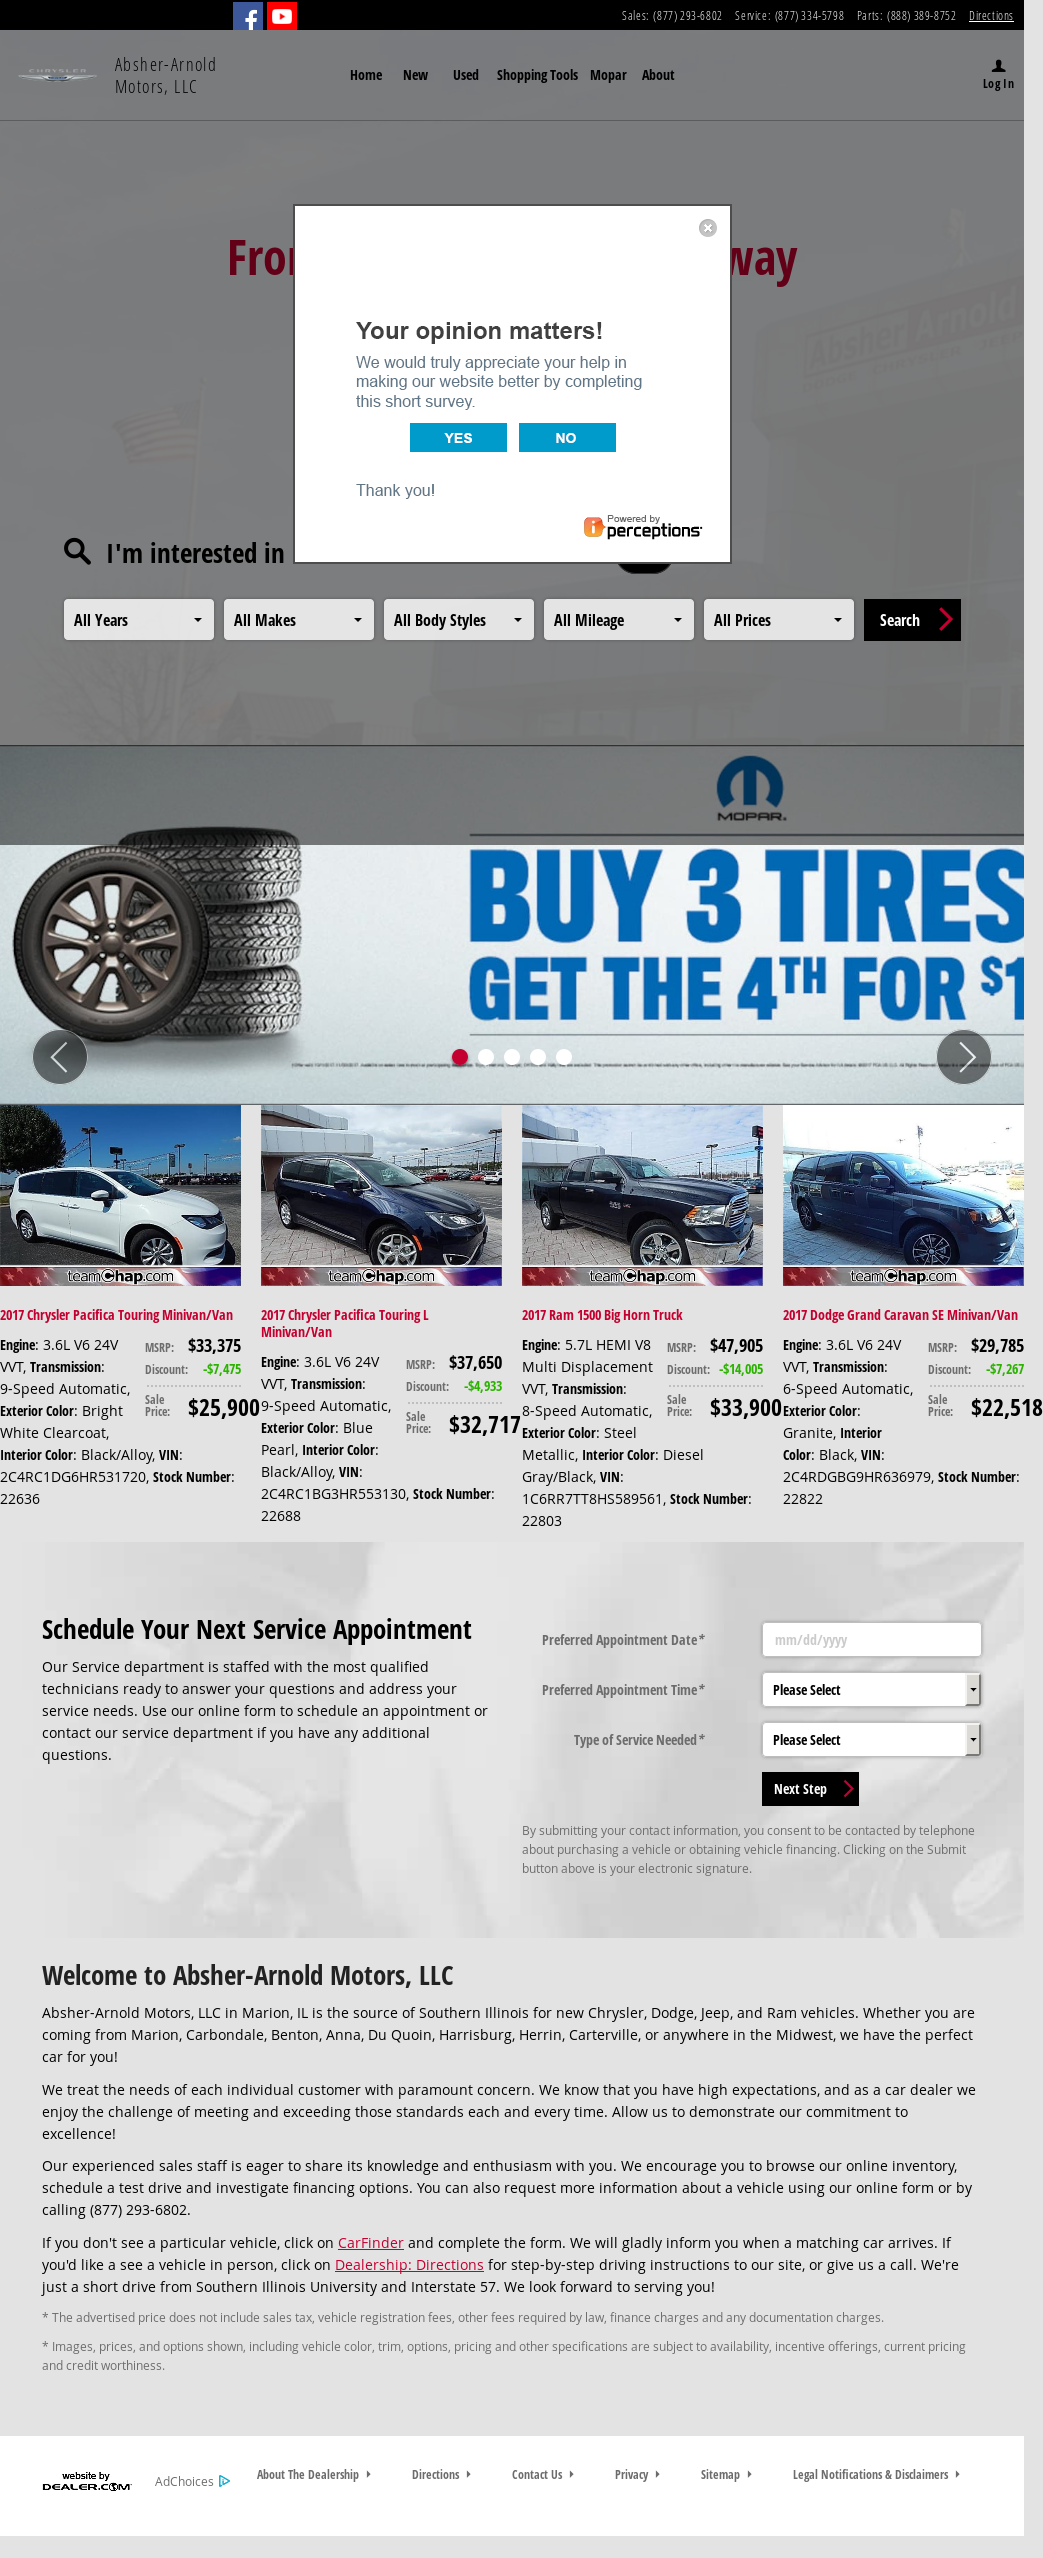 Absher-Arnold Motors website history